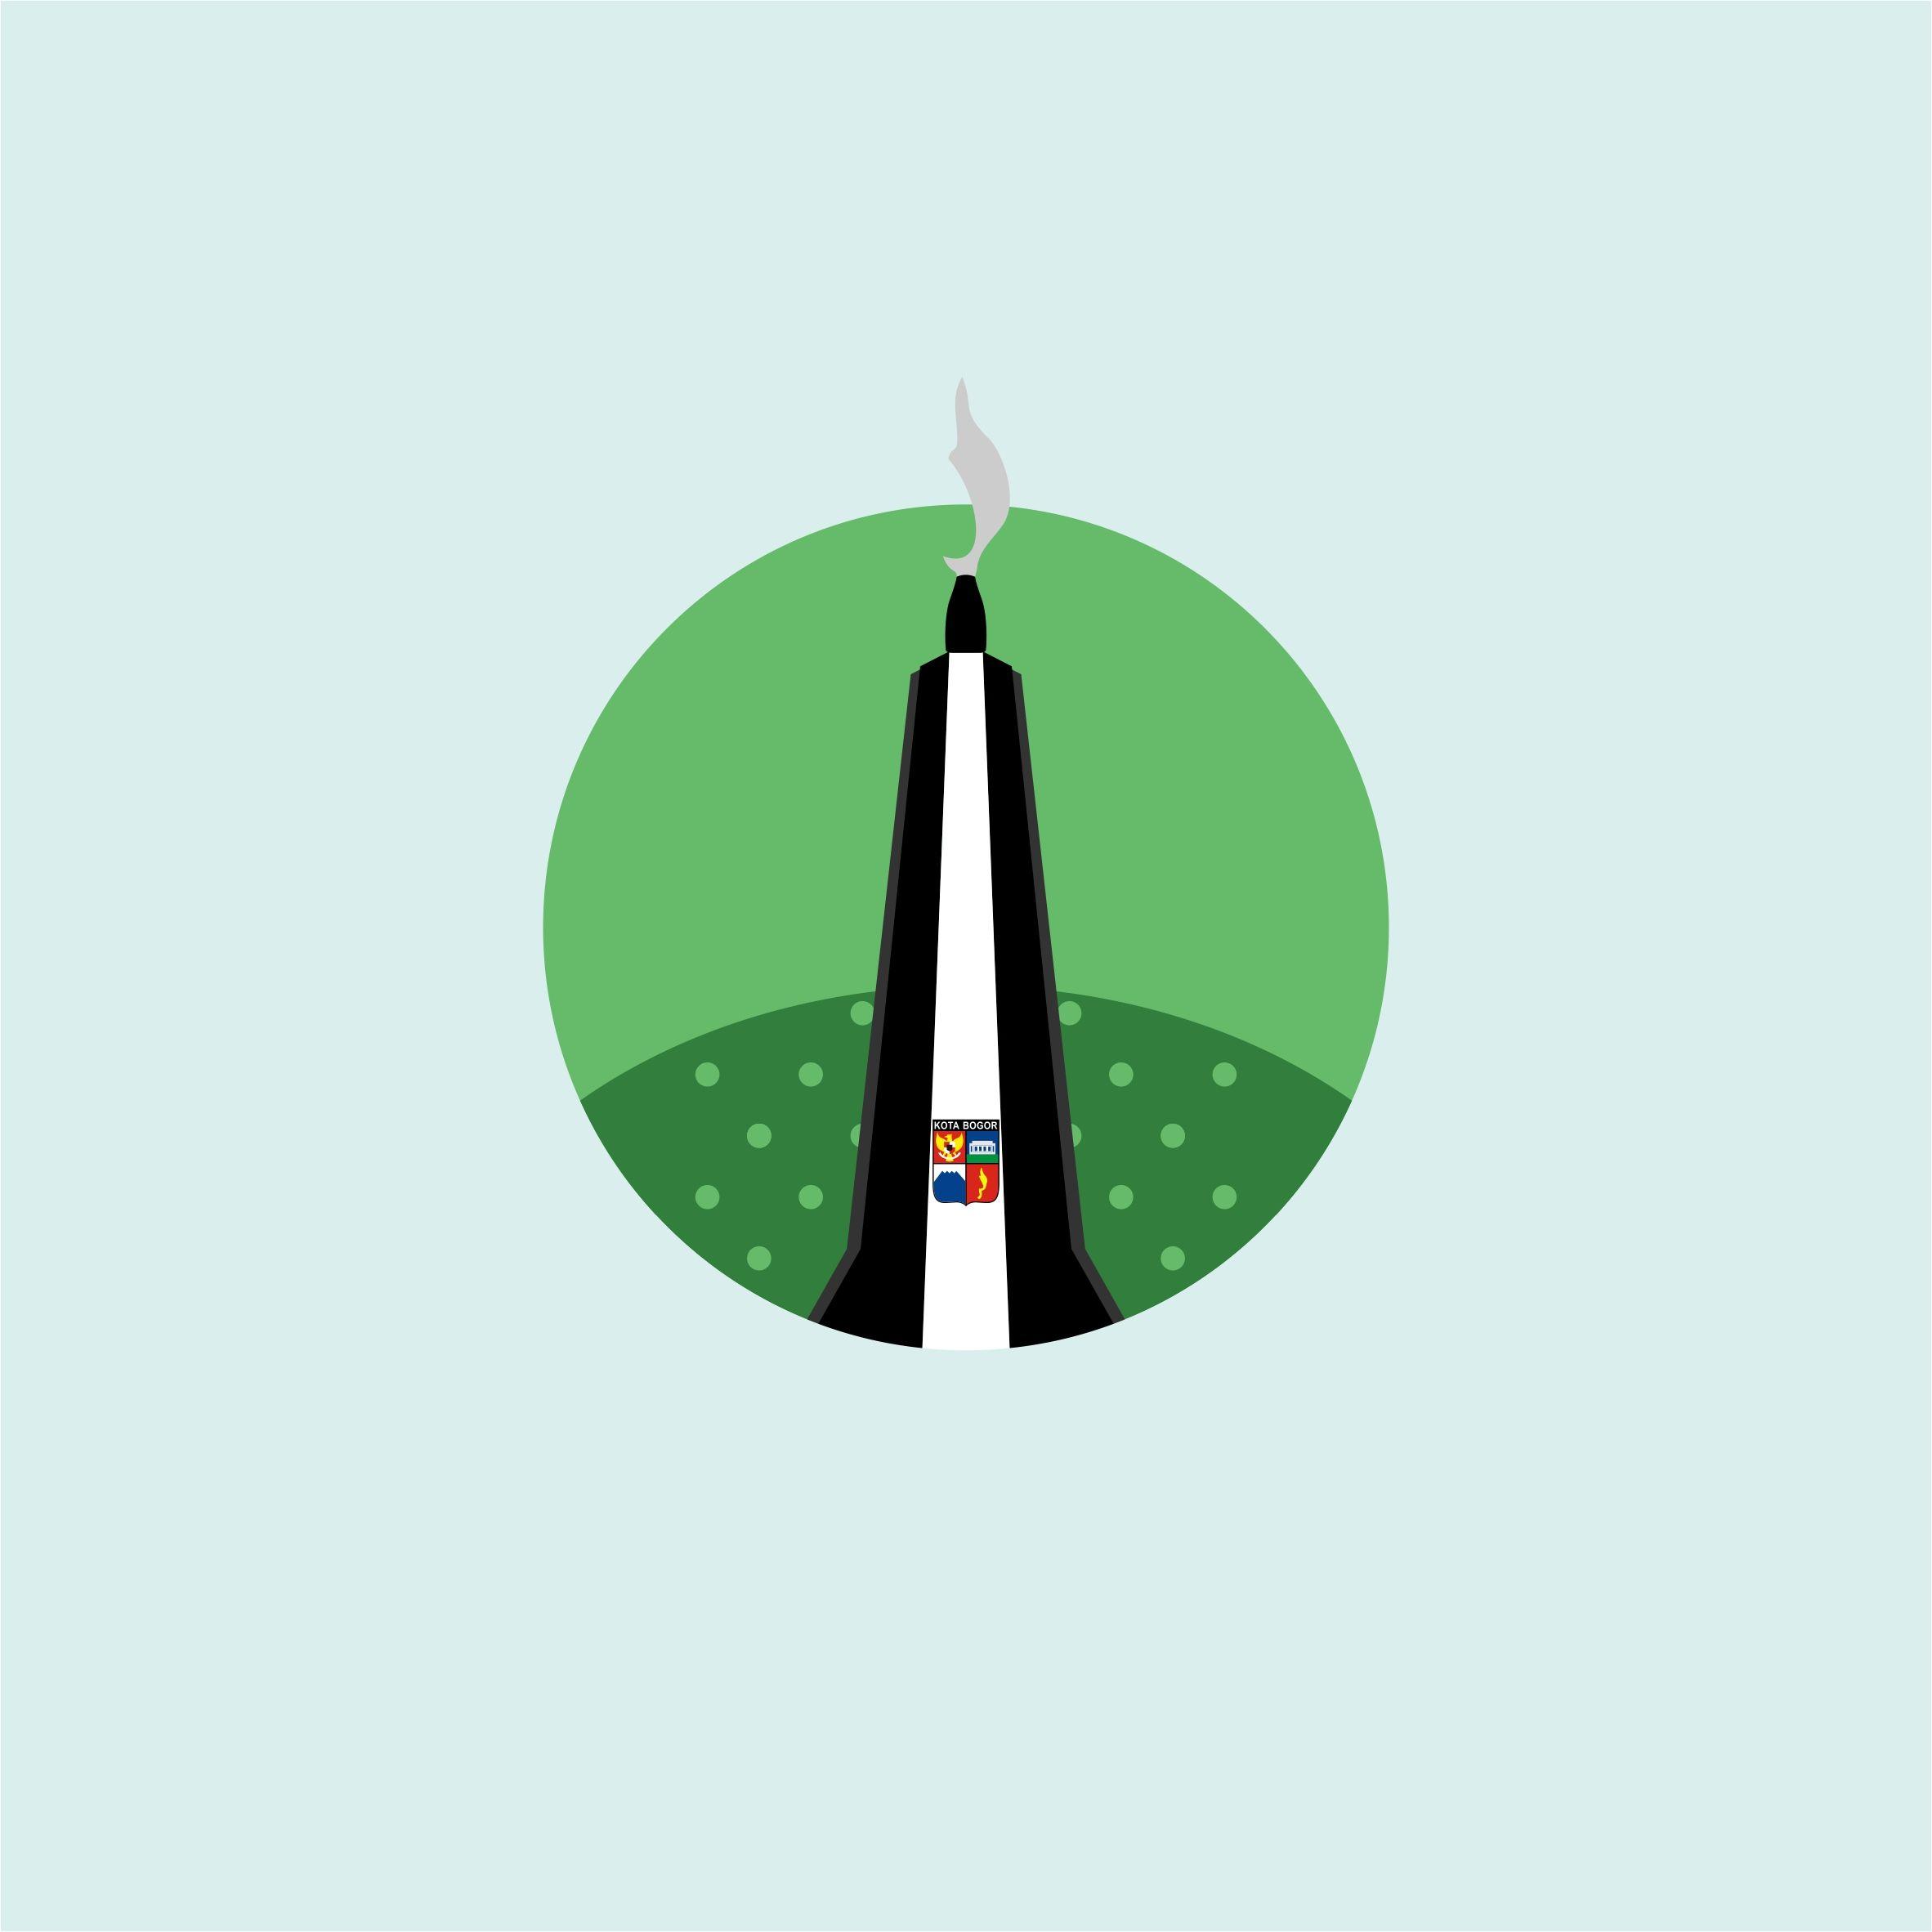 Tugu Kujang Dalam Vektor Kota Bogor Pinterest Logos